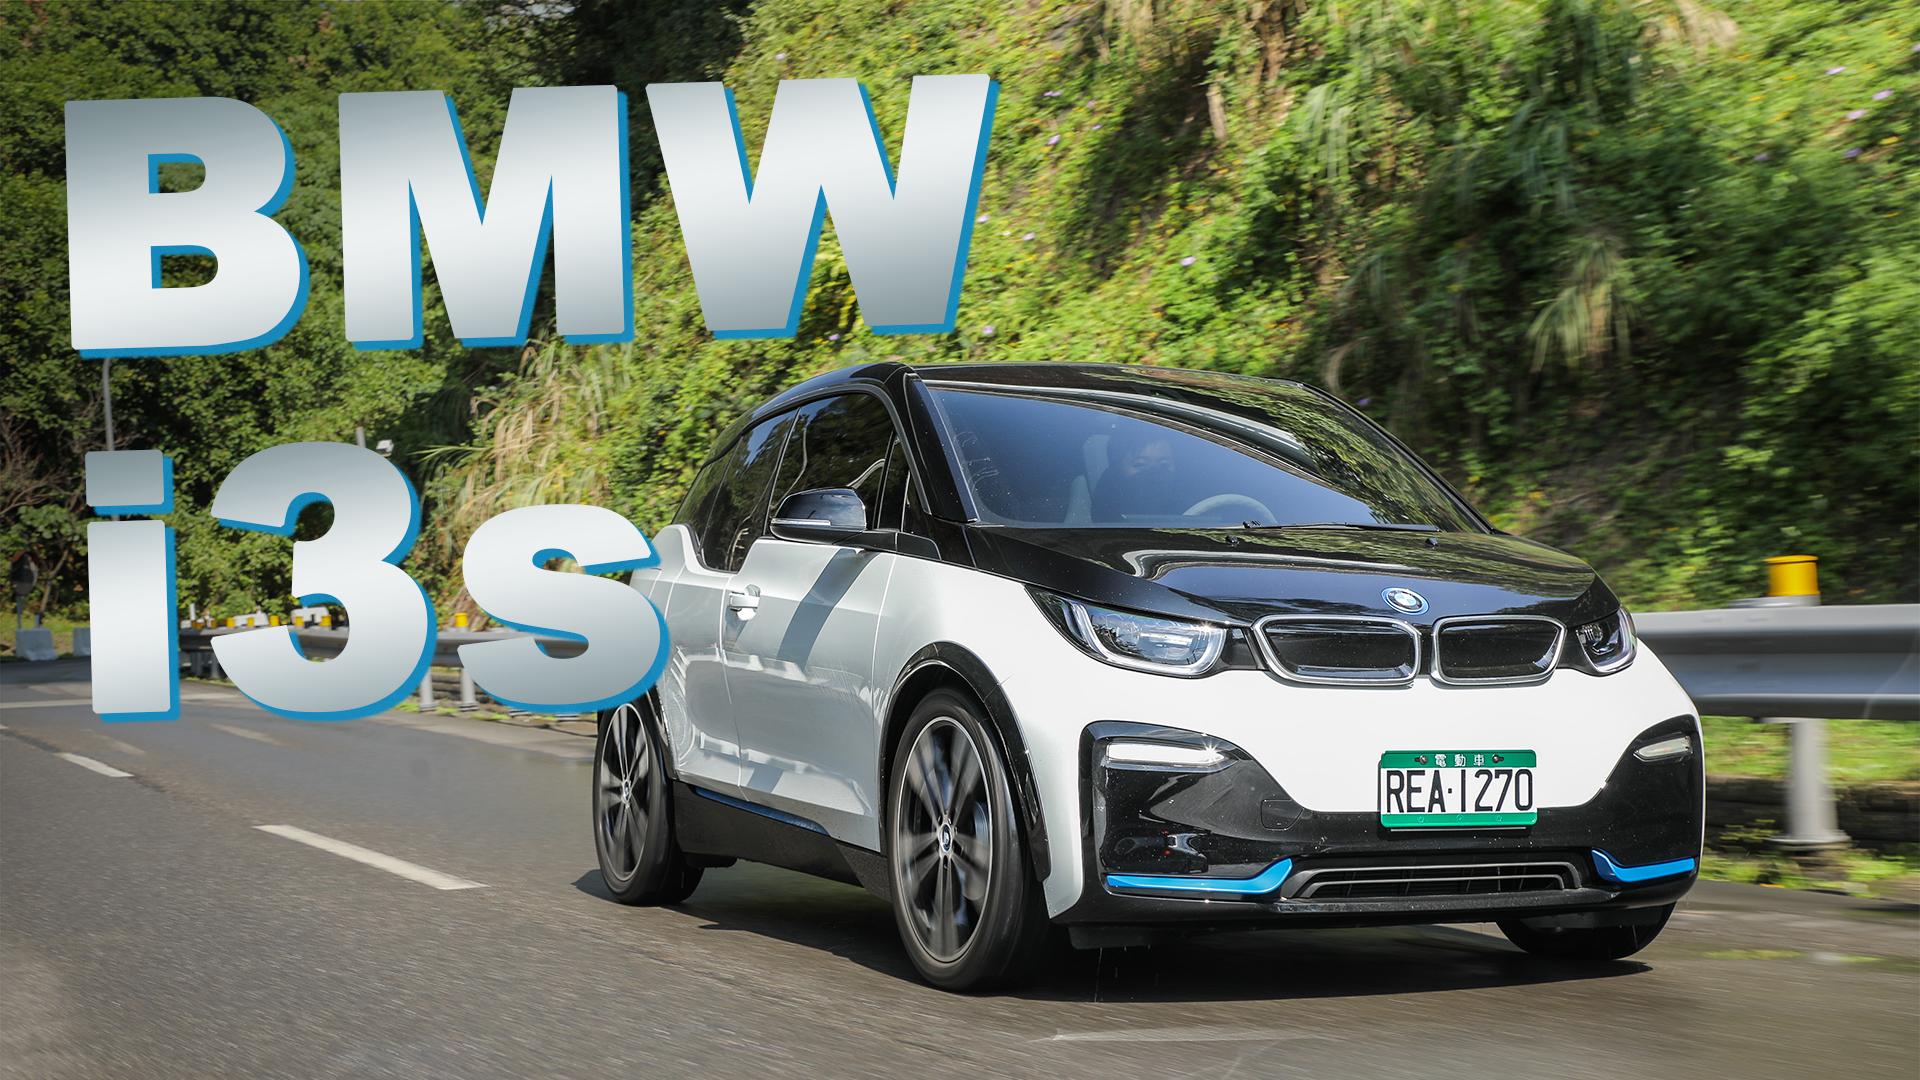 都會電能先驅!嘉偉哥長期試駕|BMW i3s